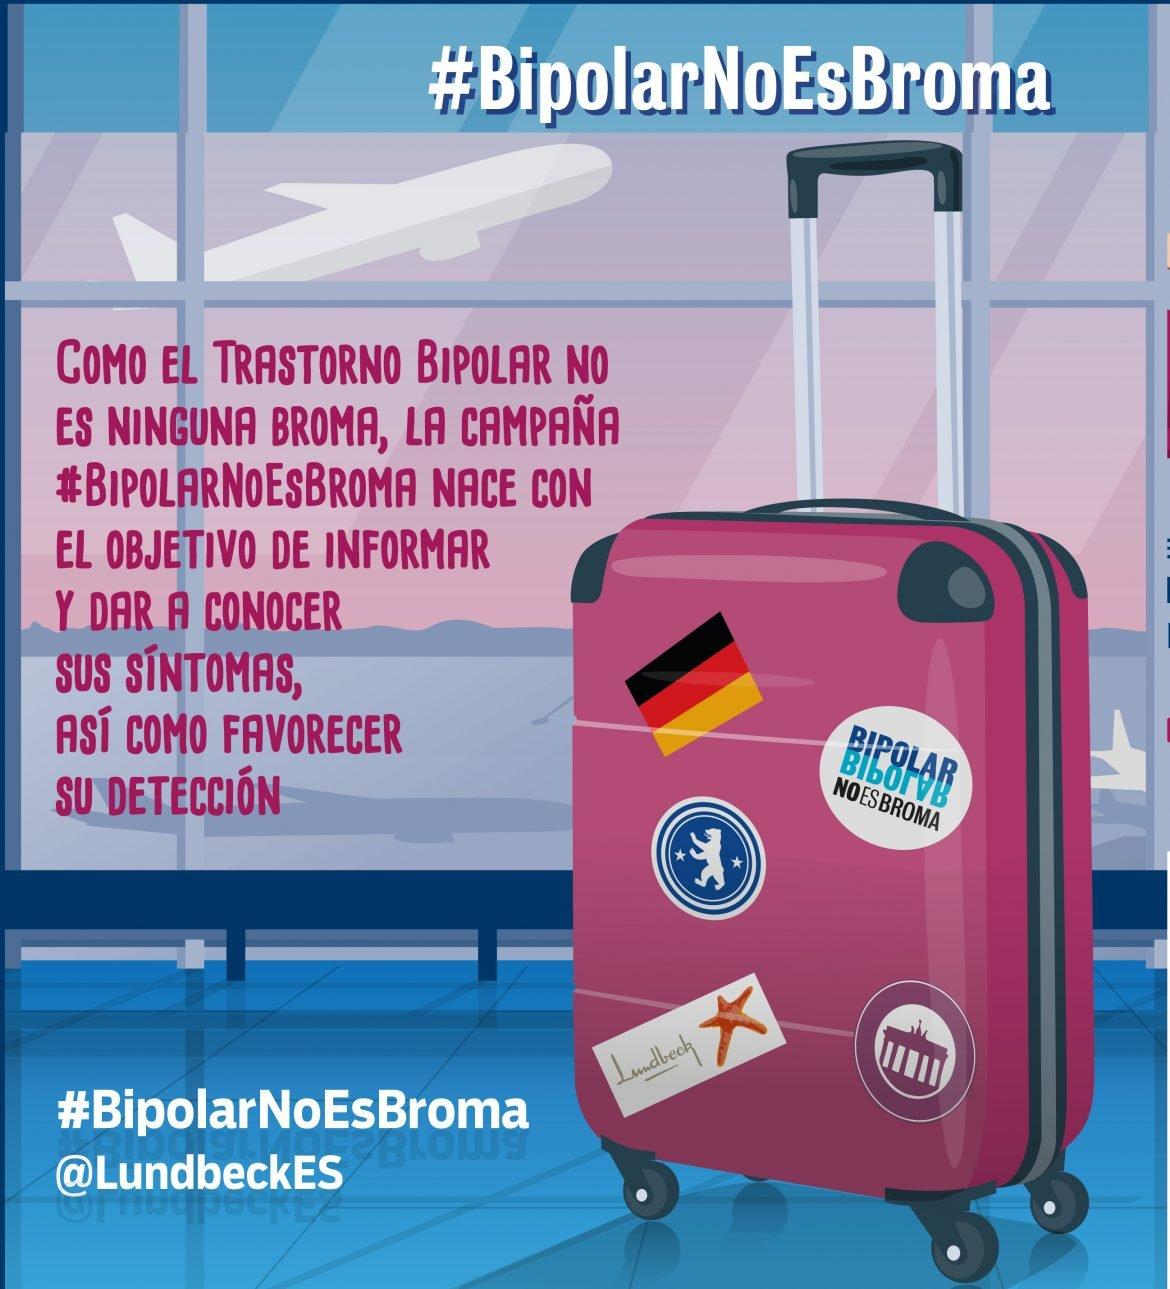 #BipolarNoEsBroma, una campaña para concienciar sobre el trastorno bipolar